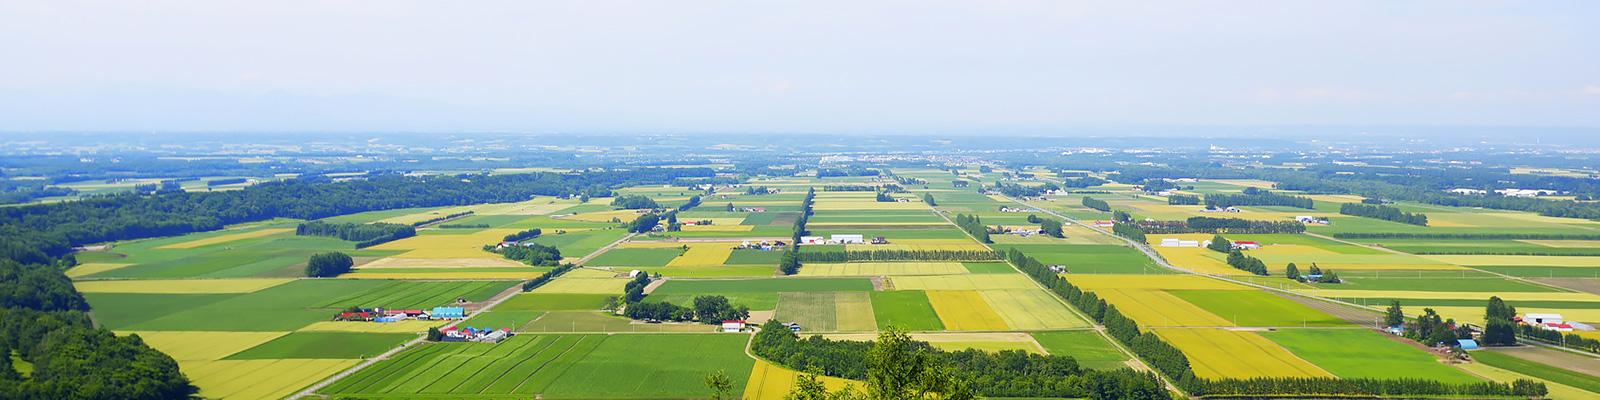 北海道 帯広 農業 イメージ